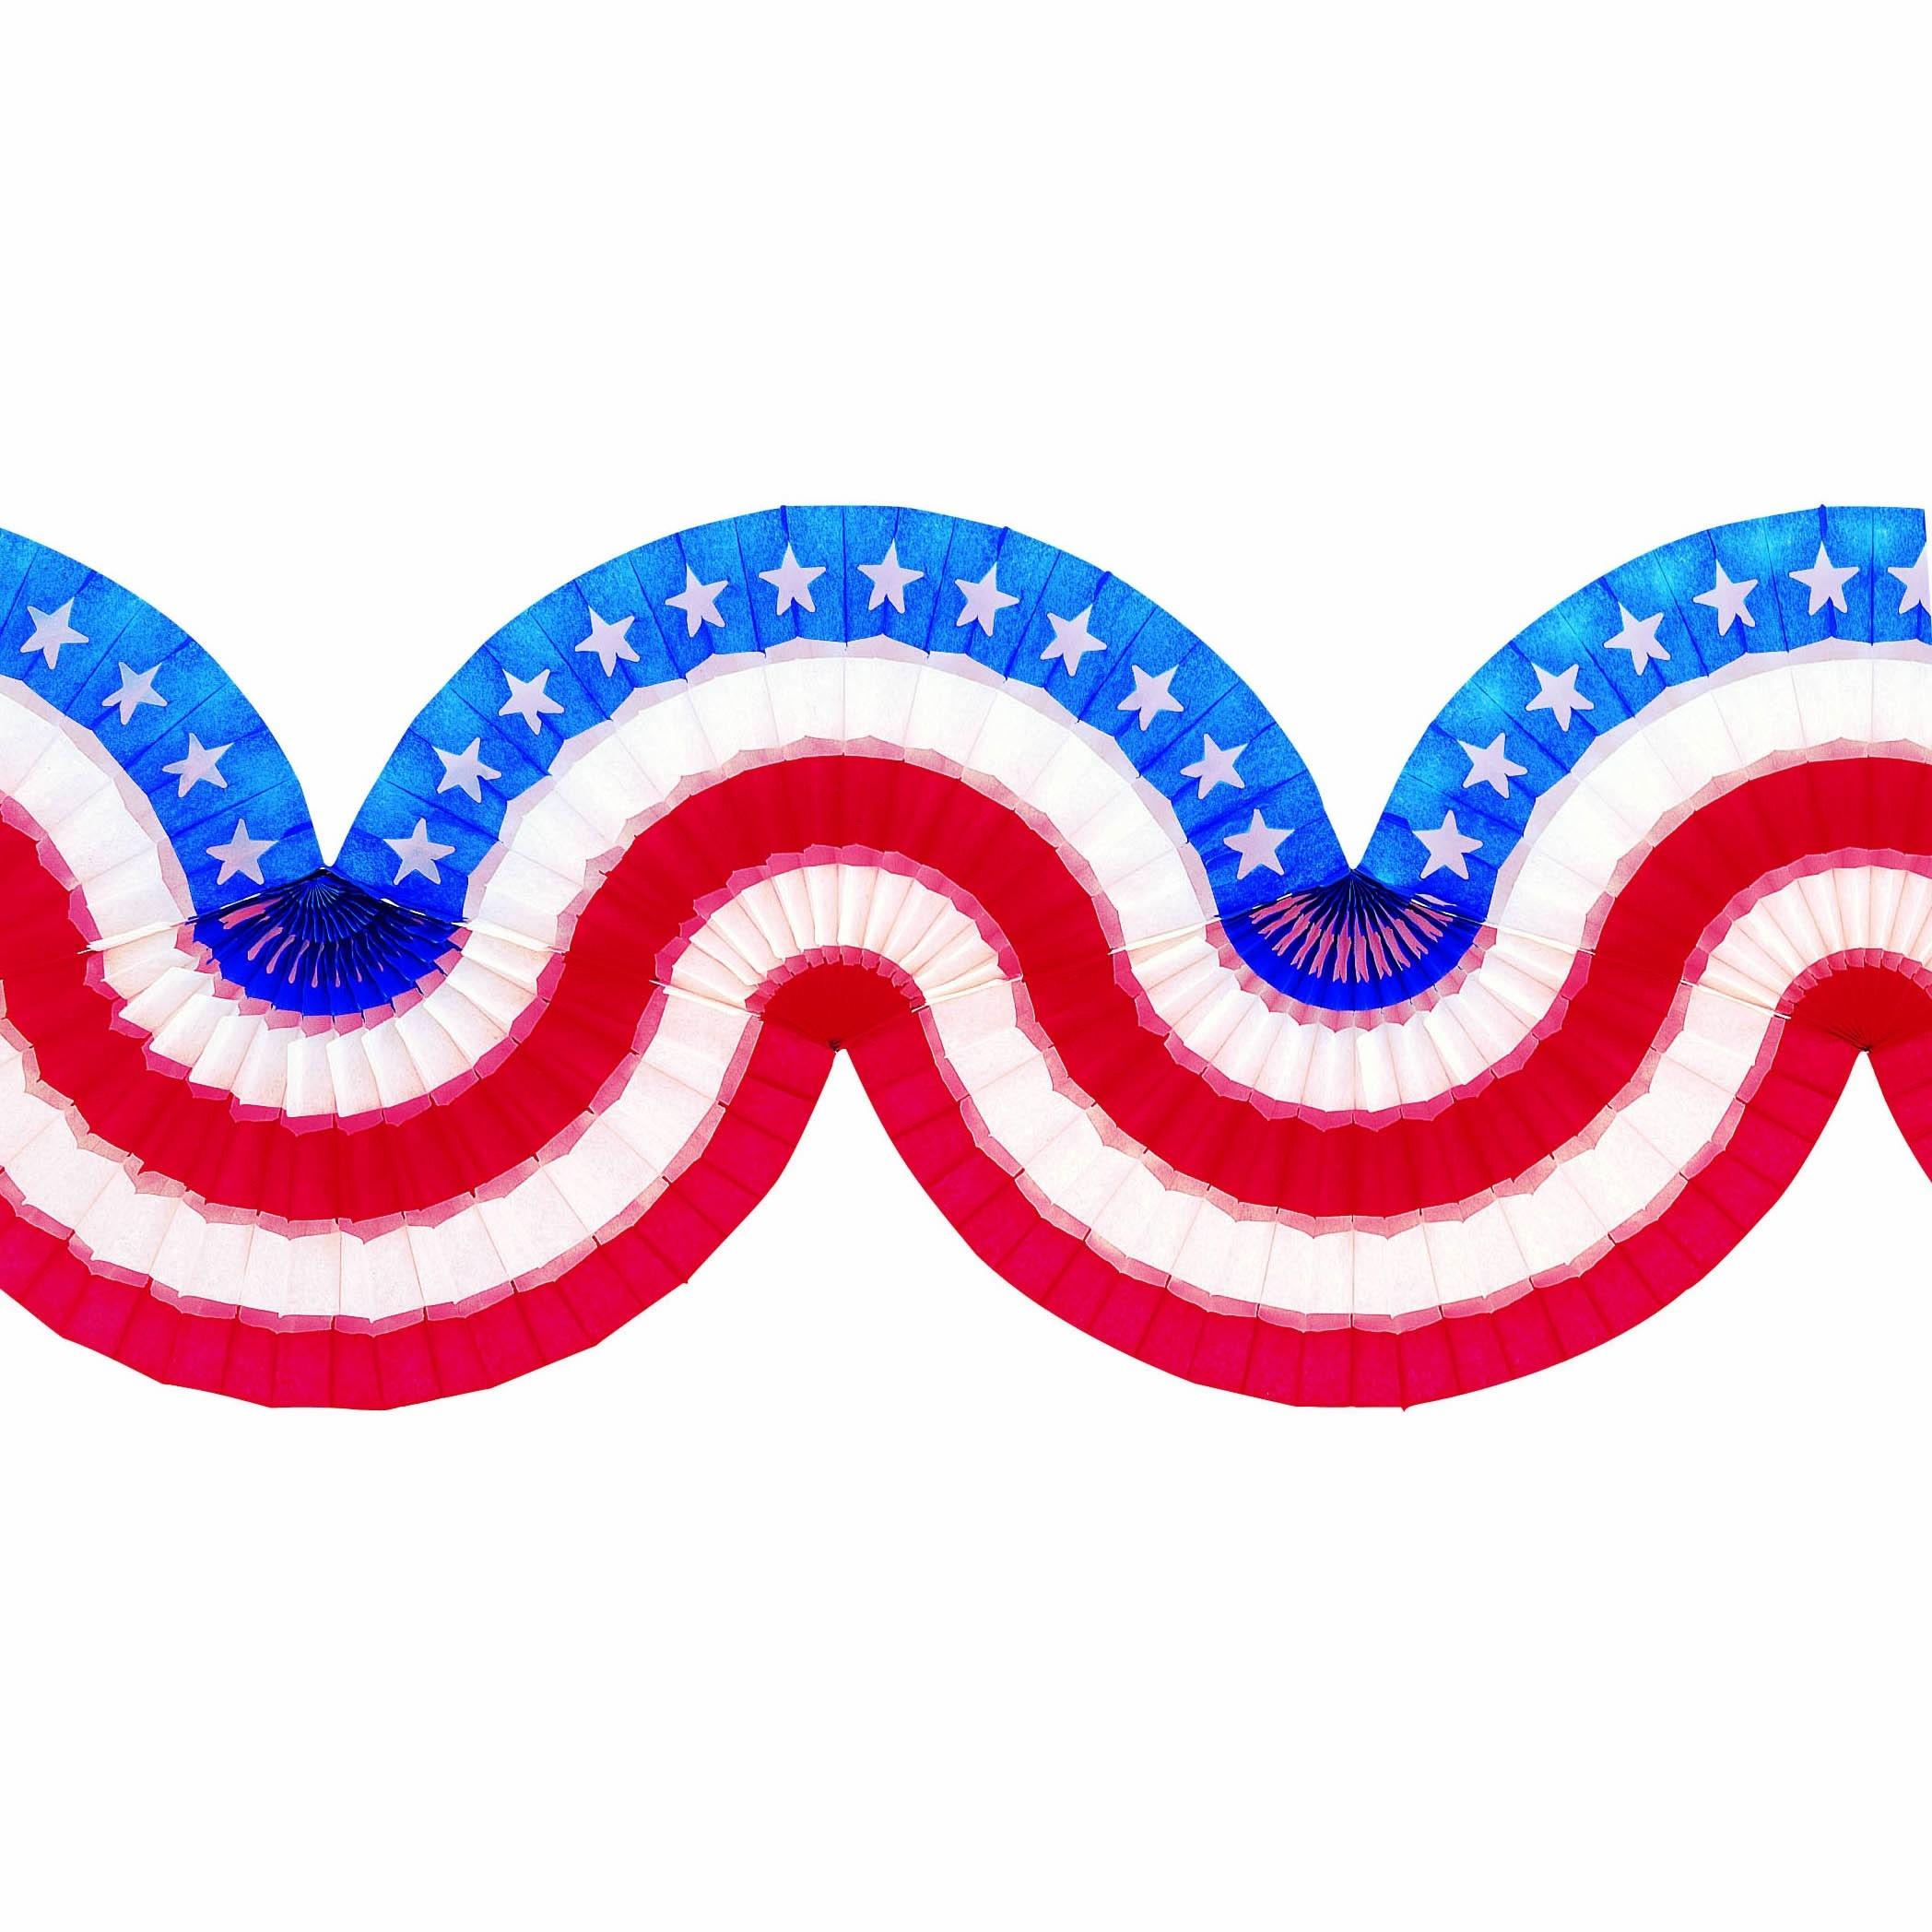 2096x2096 Patriotic Art Cliparts 243439